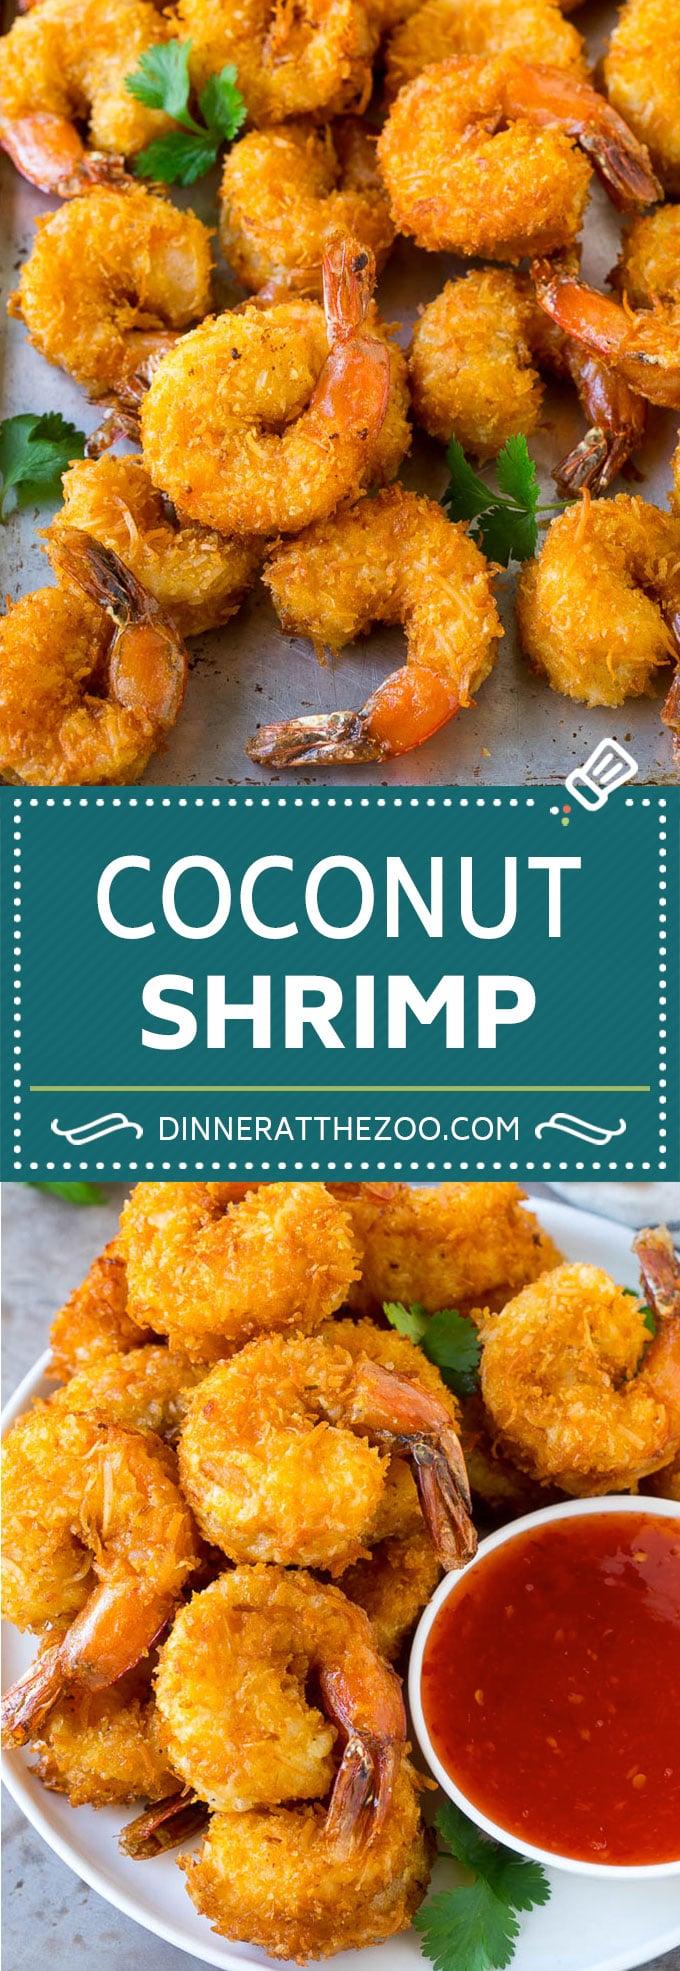 Coconut Shrimp Recipe | Fried Shrimp | Shrimp Appetizer #shrimp #coconut #appetizer #seafood #dinner #dinneratthezoo